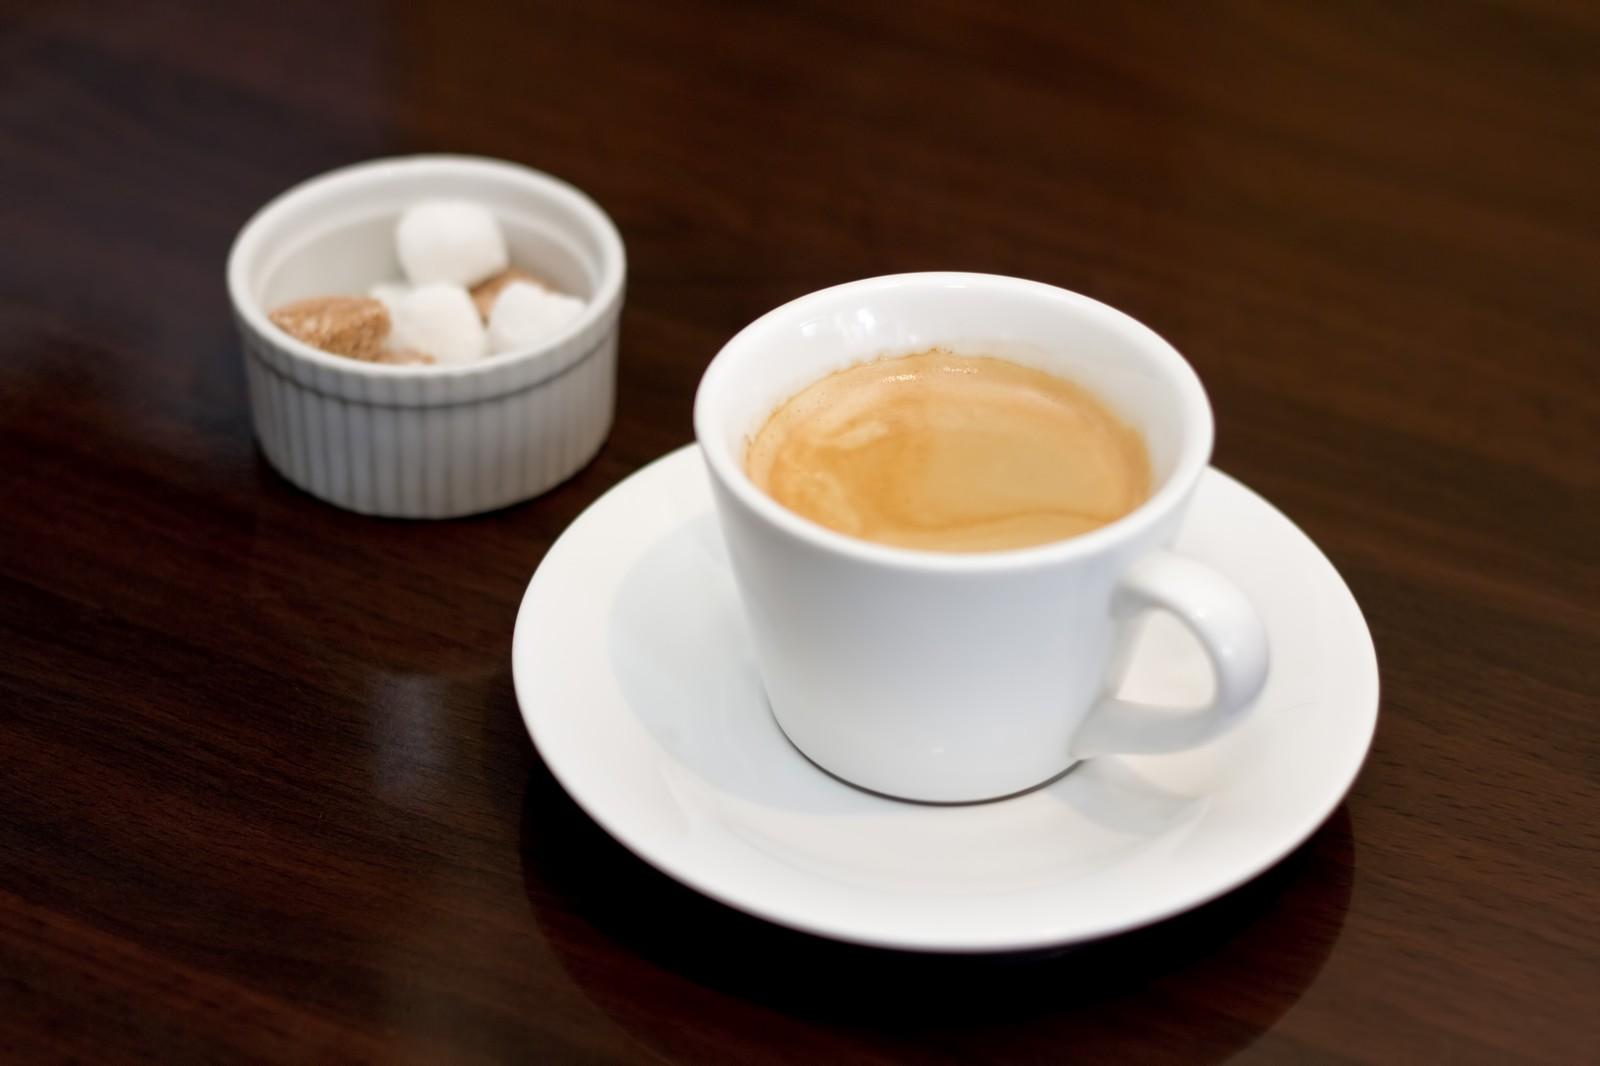 コーヒーに牛乳を入れて飲んだら何故かすごく酸っぱい味がした件